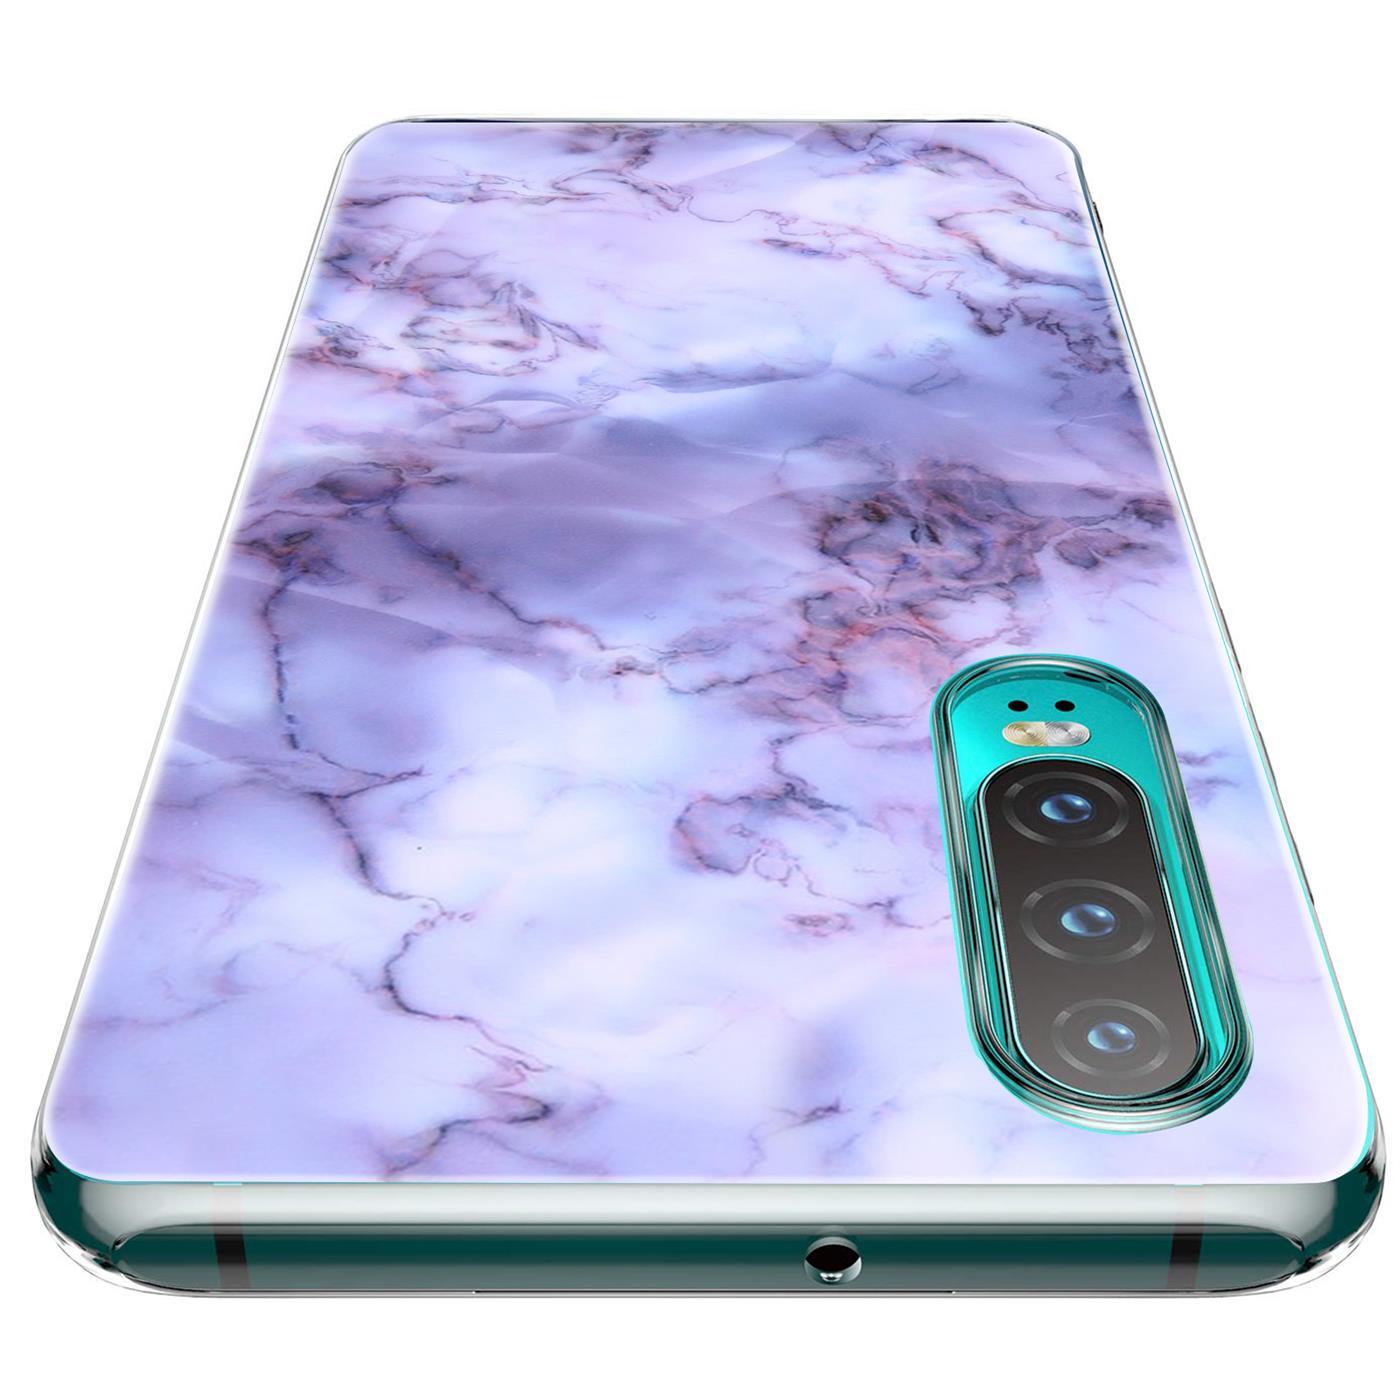 Huawei-P30-Lite-Motiv-Handy-Huelle-Silikon-Tasche-Schutzhuelle-Cover-Slim-TPU-Case Indexbild 52